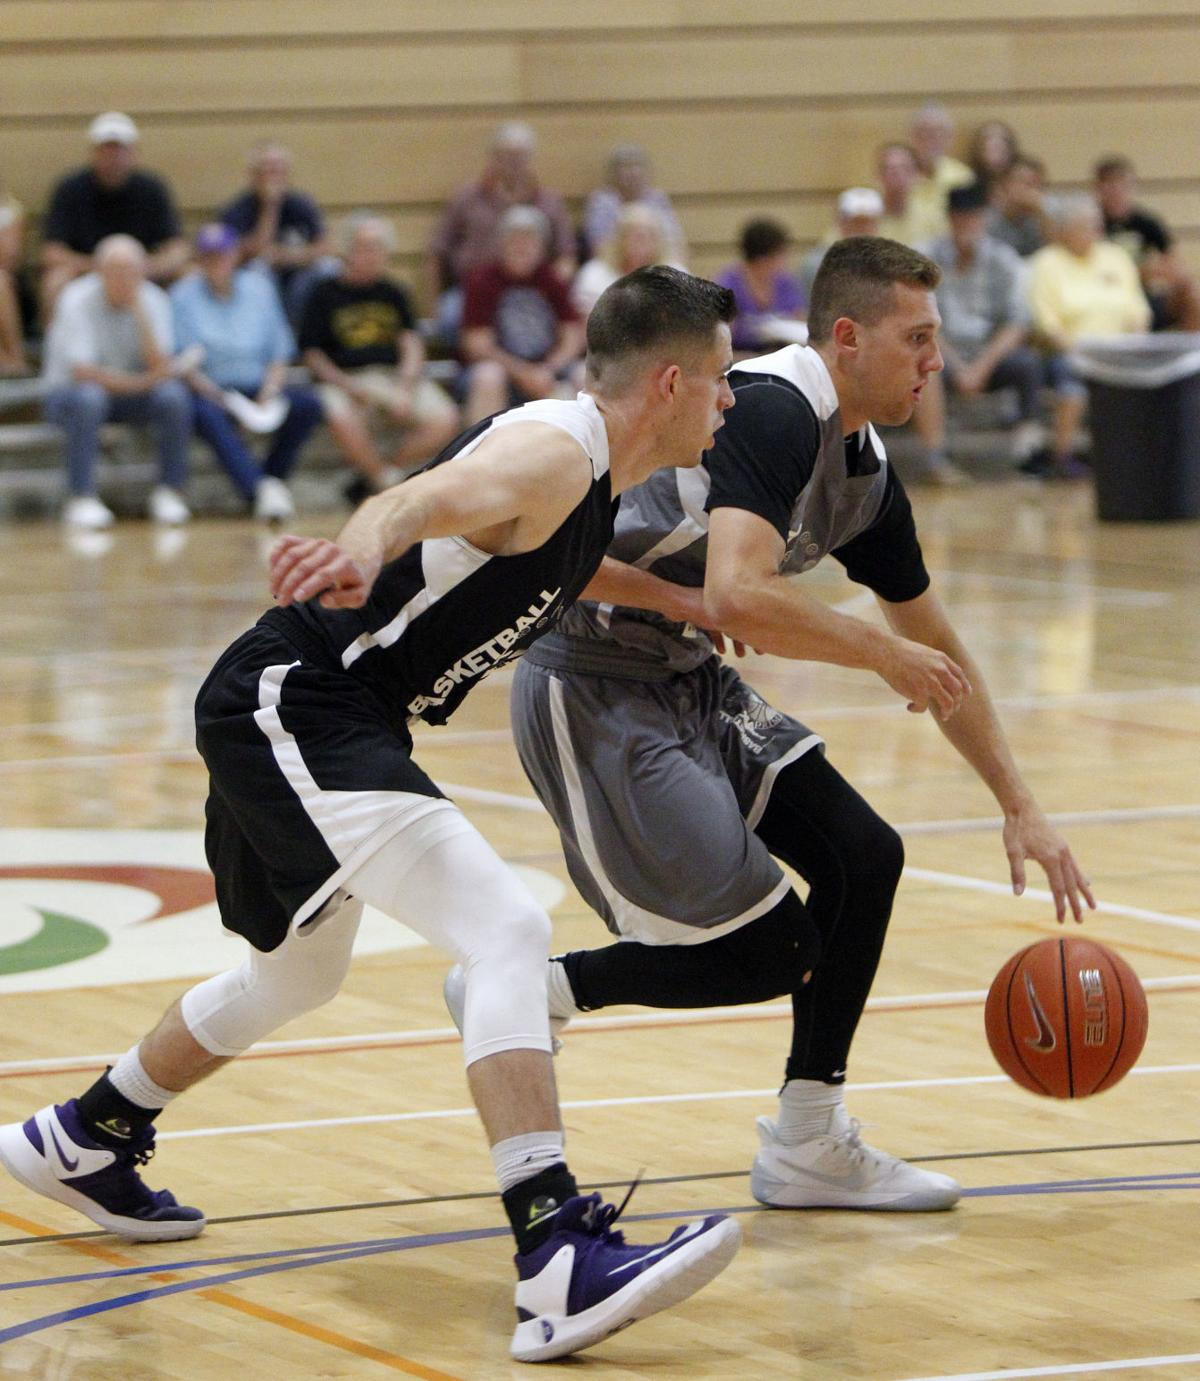 062217mp-prime-time-basketball-4